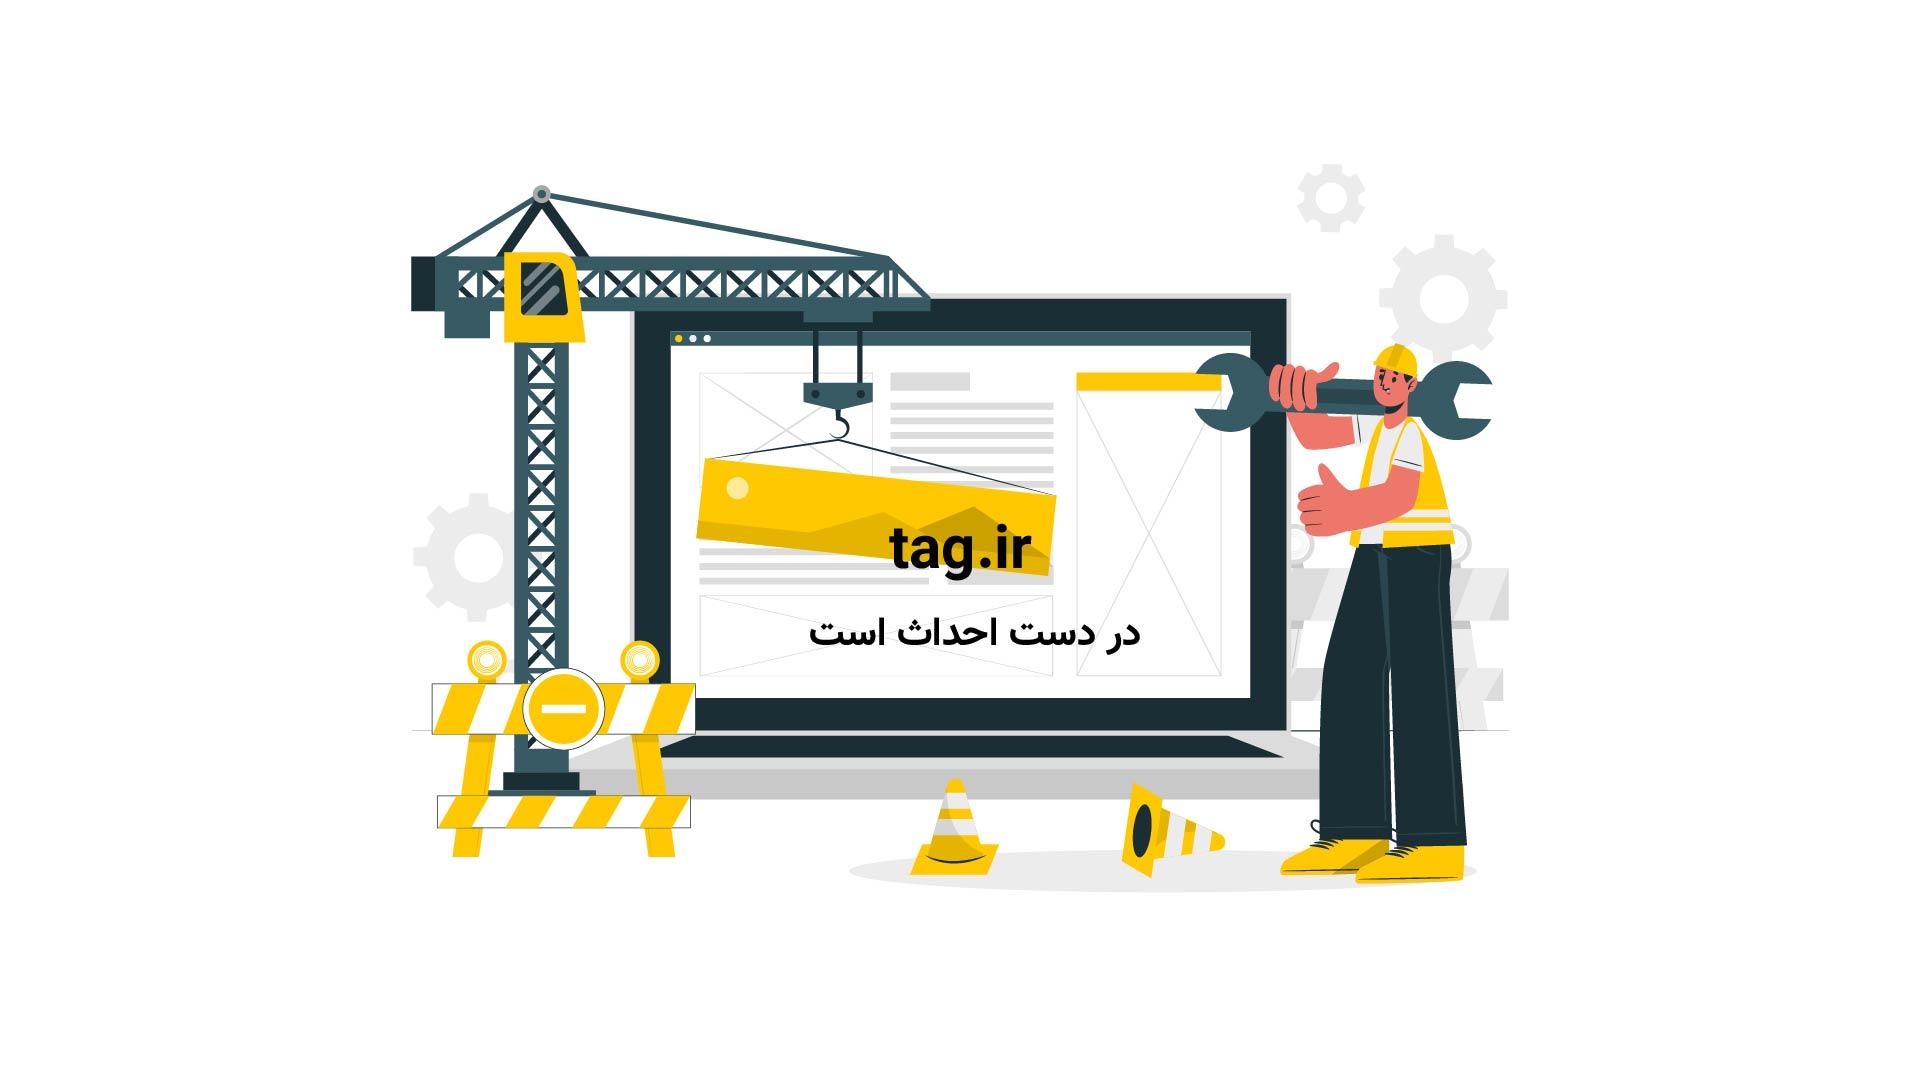 صحبتهای وزیر پیشنهادی كشور در جلسه بررسی صلاحیت وزیران | فیلم